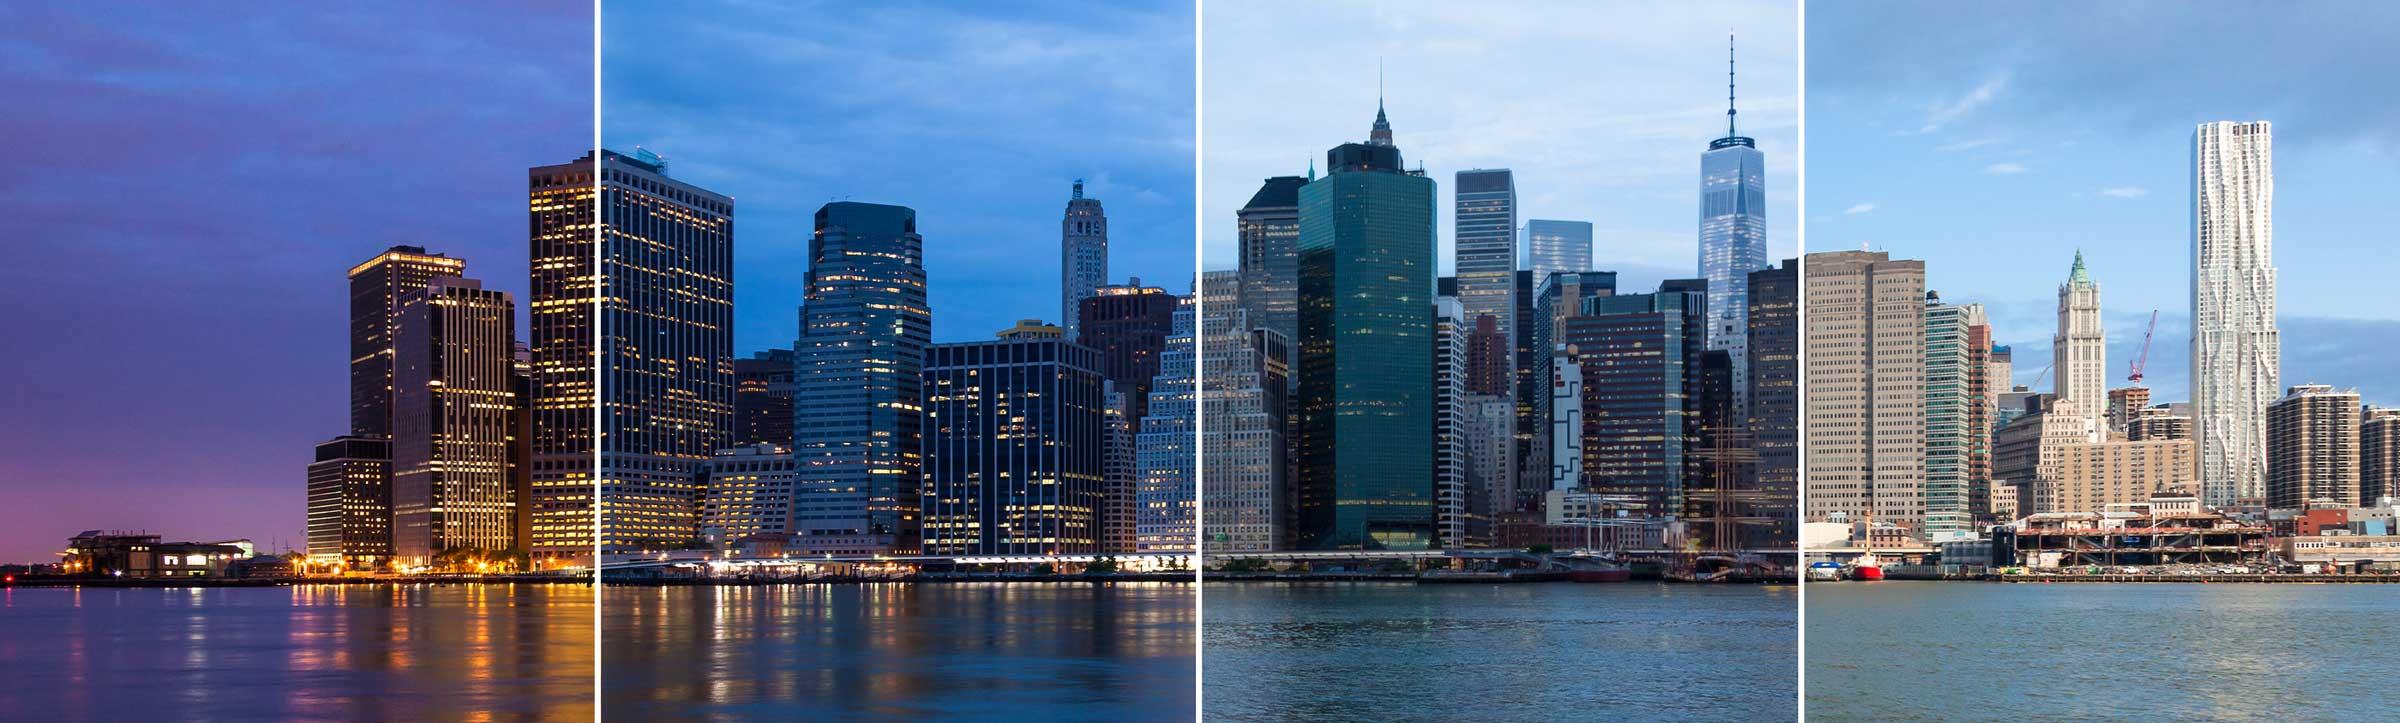 Montage of Manhattan Skyline